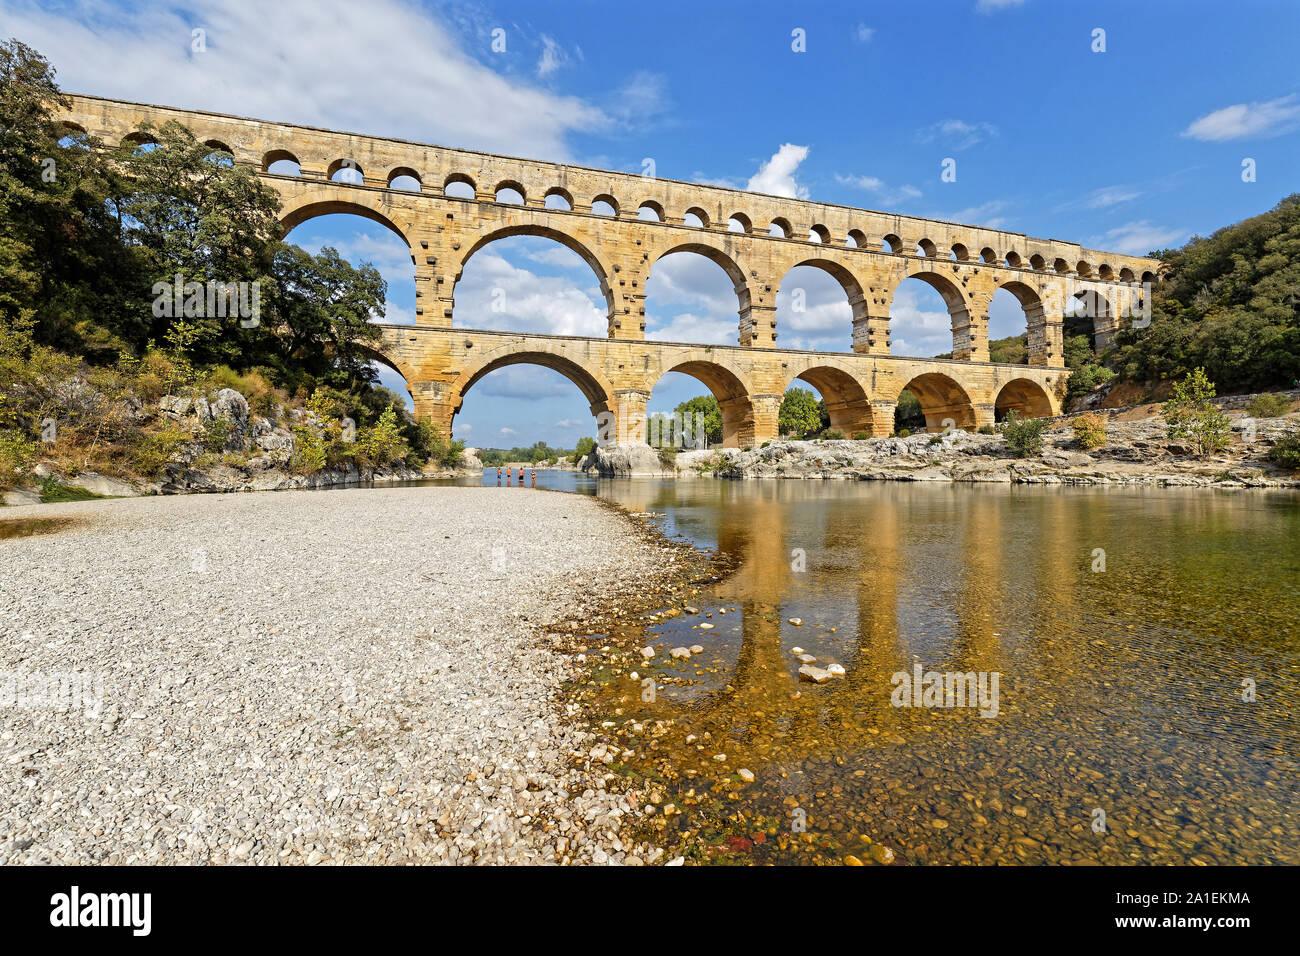 En Remoulins, Francia, 20 de septiembre de 2019 : El Pont du Gard, el mayor puente acueducto romano, y una de las más preservadas, fue construido en la primera centu Foto de stock